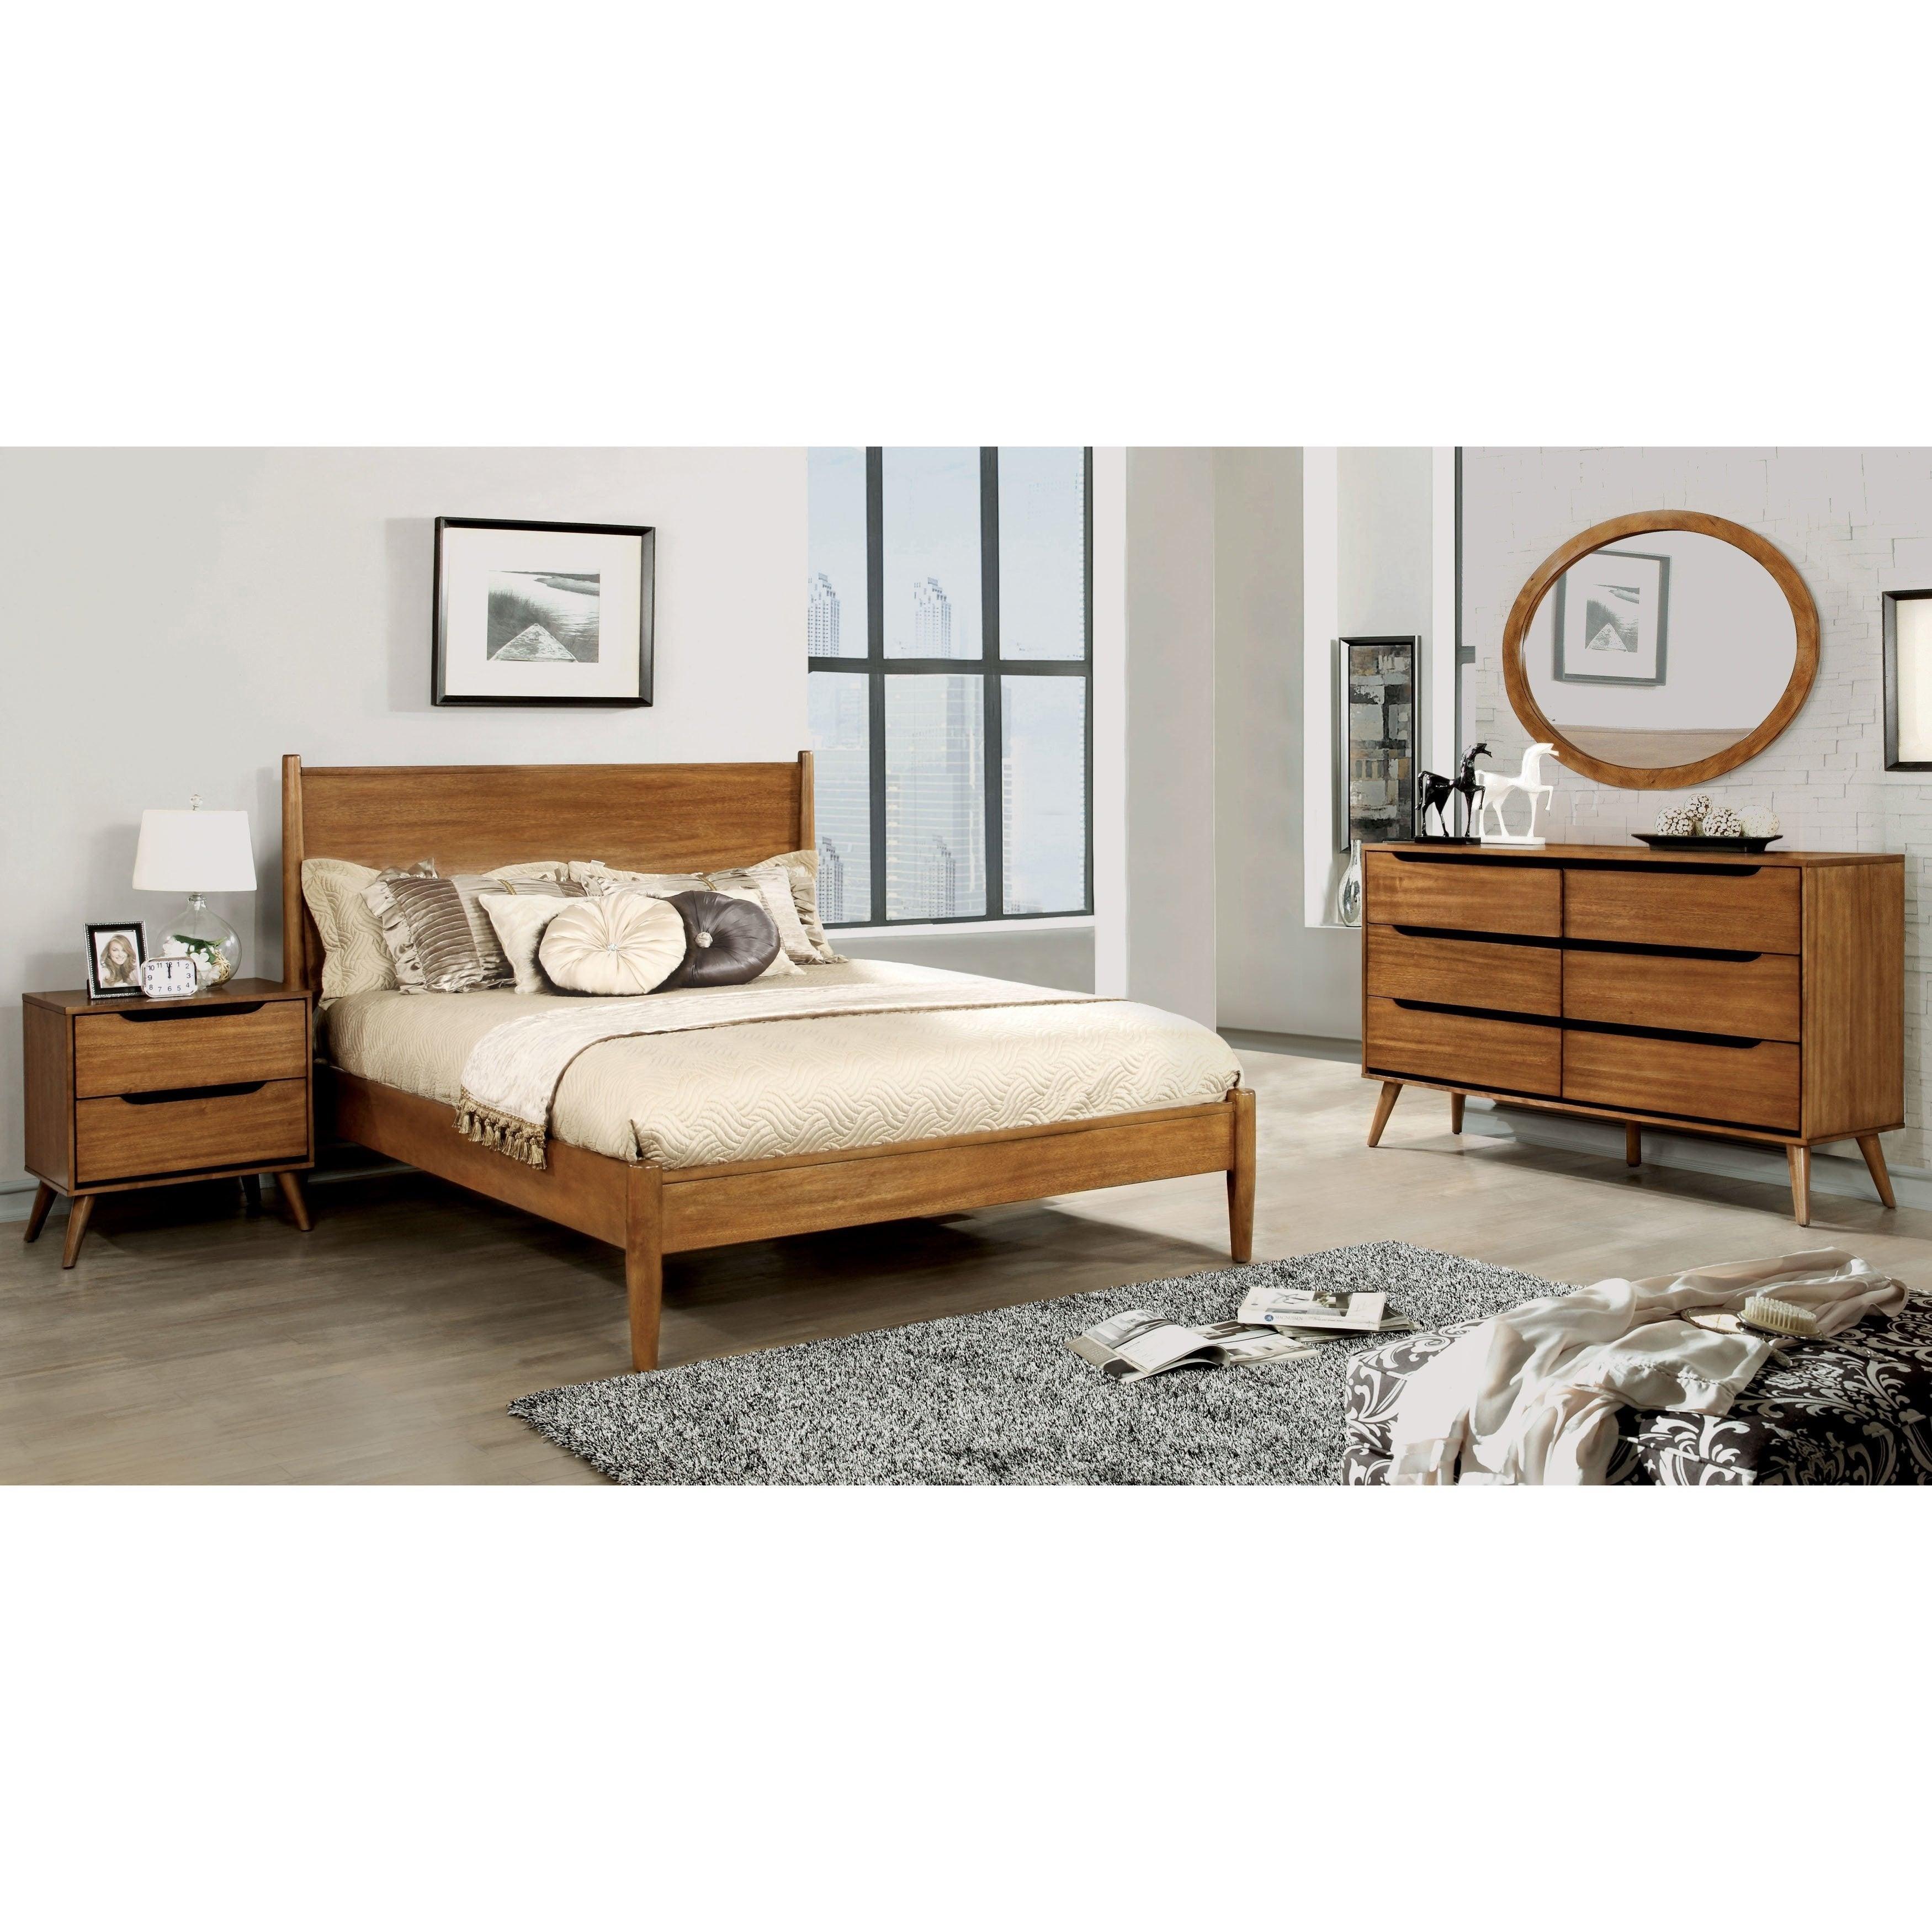 Shop Furniture Of America Coop Mid Century Oak 4 Piece Bedroom Set Overstock 17676121 Queen